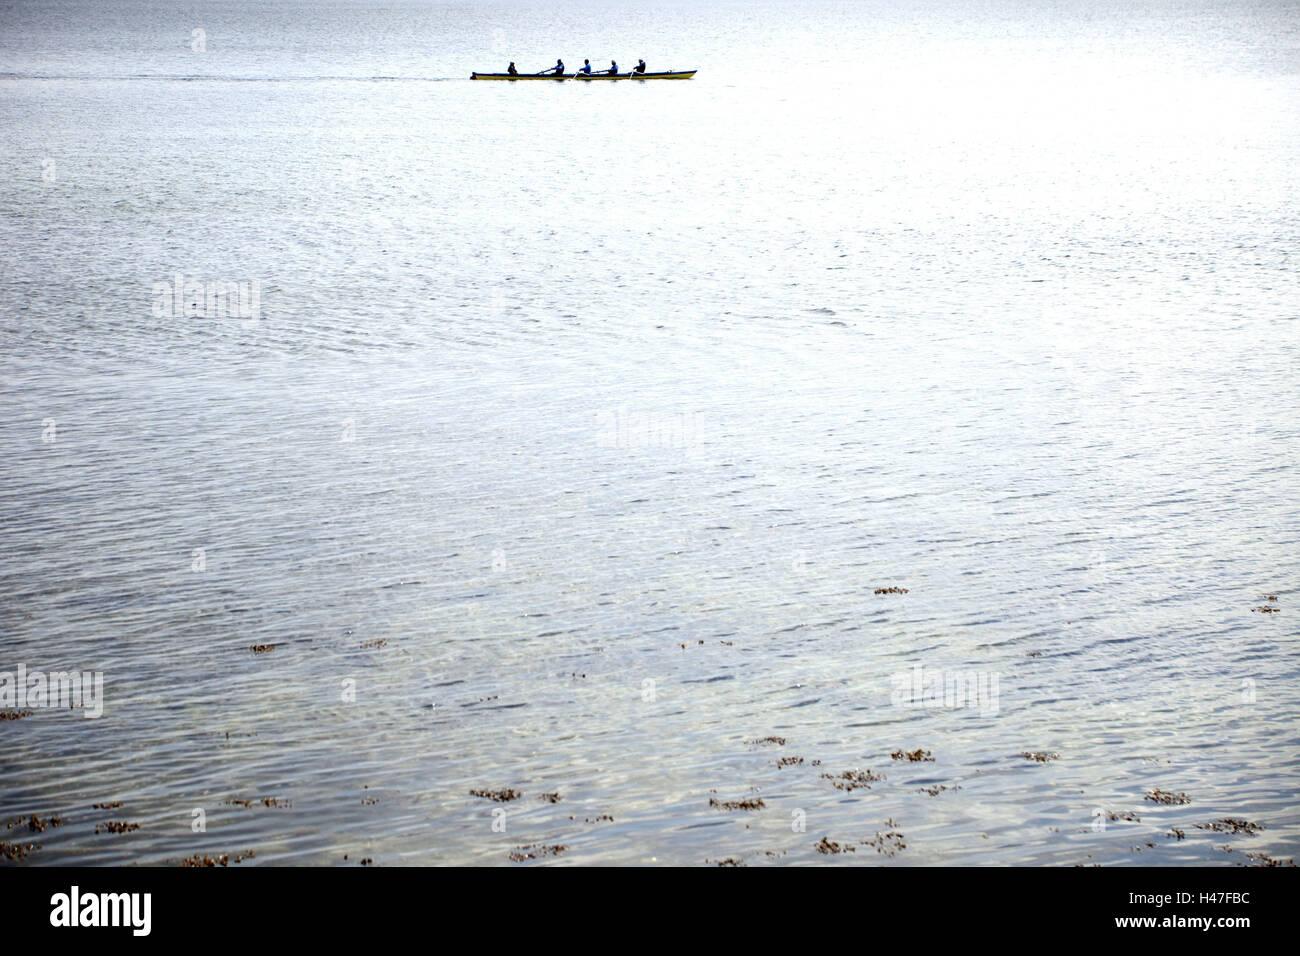 The Baltic Sea, oar boat, outside, water sport, waters, sea, row, boat, Förde, Germany, Europe, Schleswig  - Stock Image